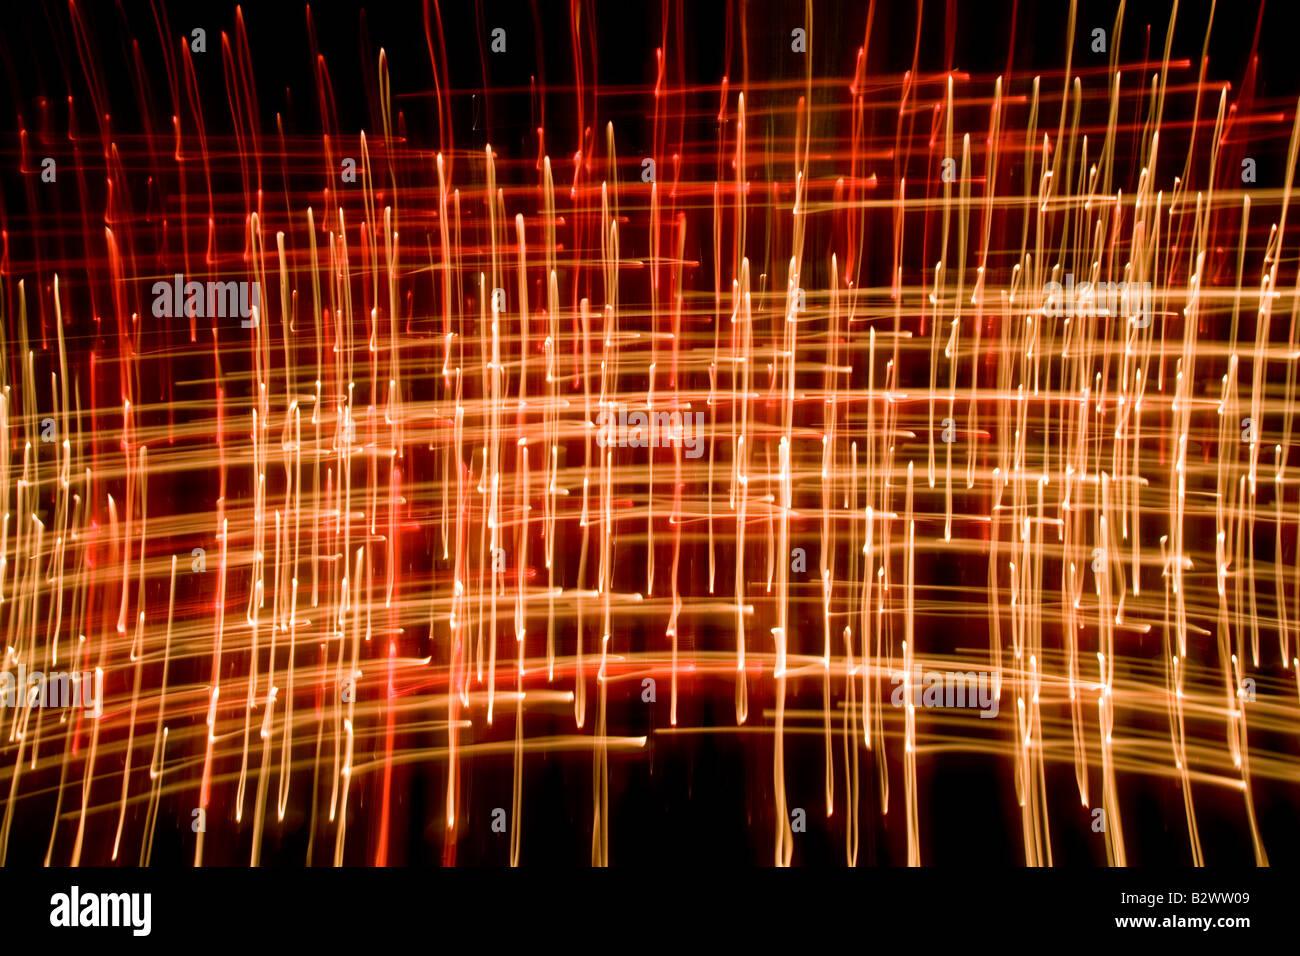 Vela Chamas Resumo tomadas com velocidade de obturação lenta em uma catedral Imagens de Stock